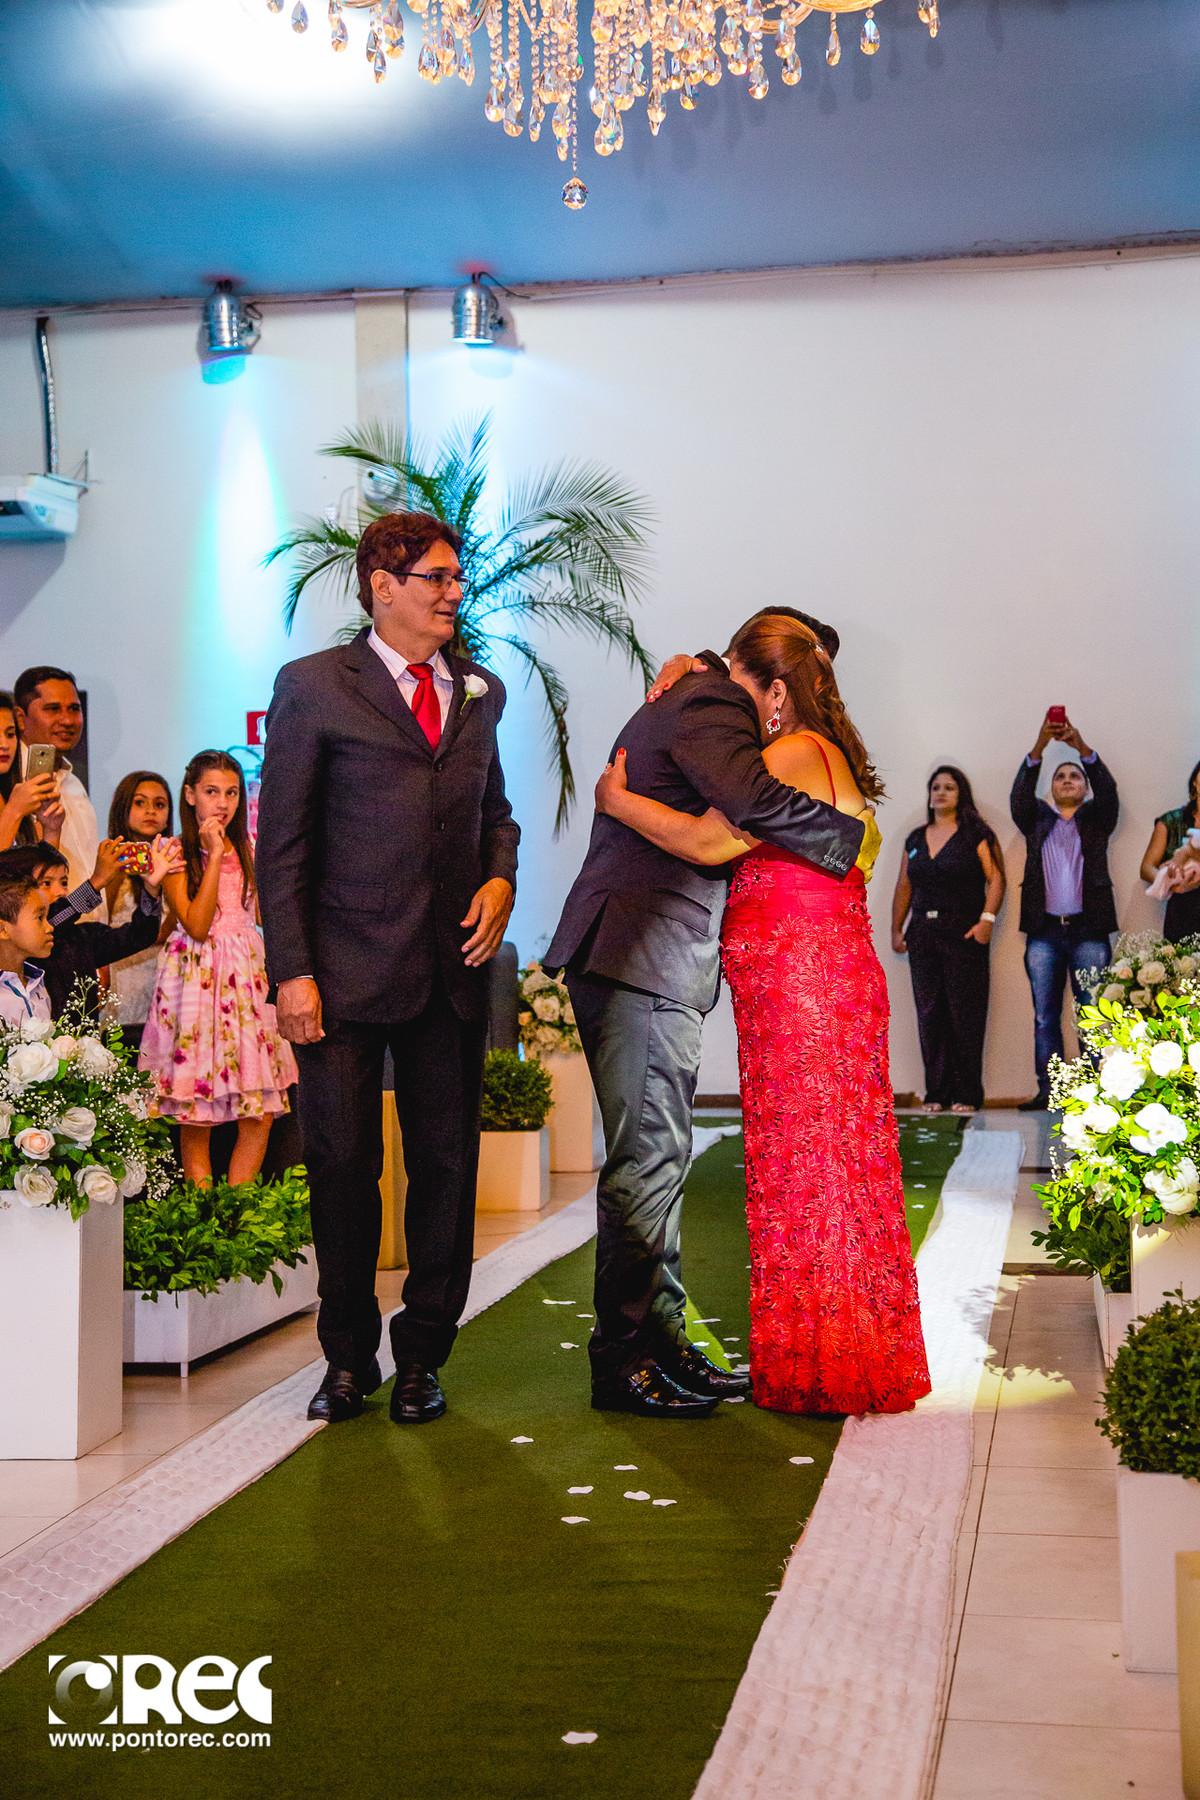 noiva, vestido de noiva, assesorio noiva, wedding, casamento, fotografo de casamento, video de casamento, ponto rec foto e cinema, emoção de casamento, noiva no altar